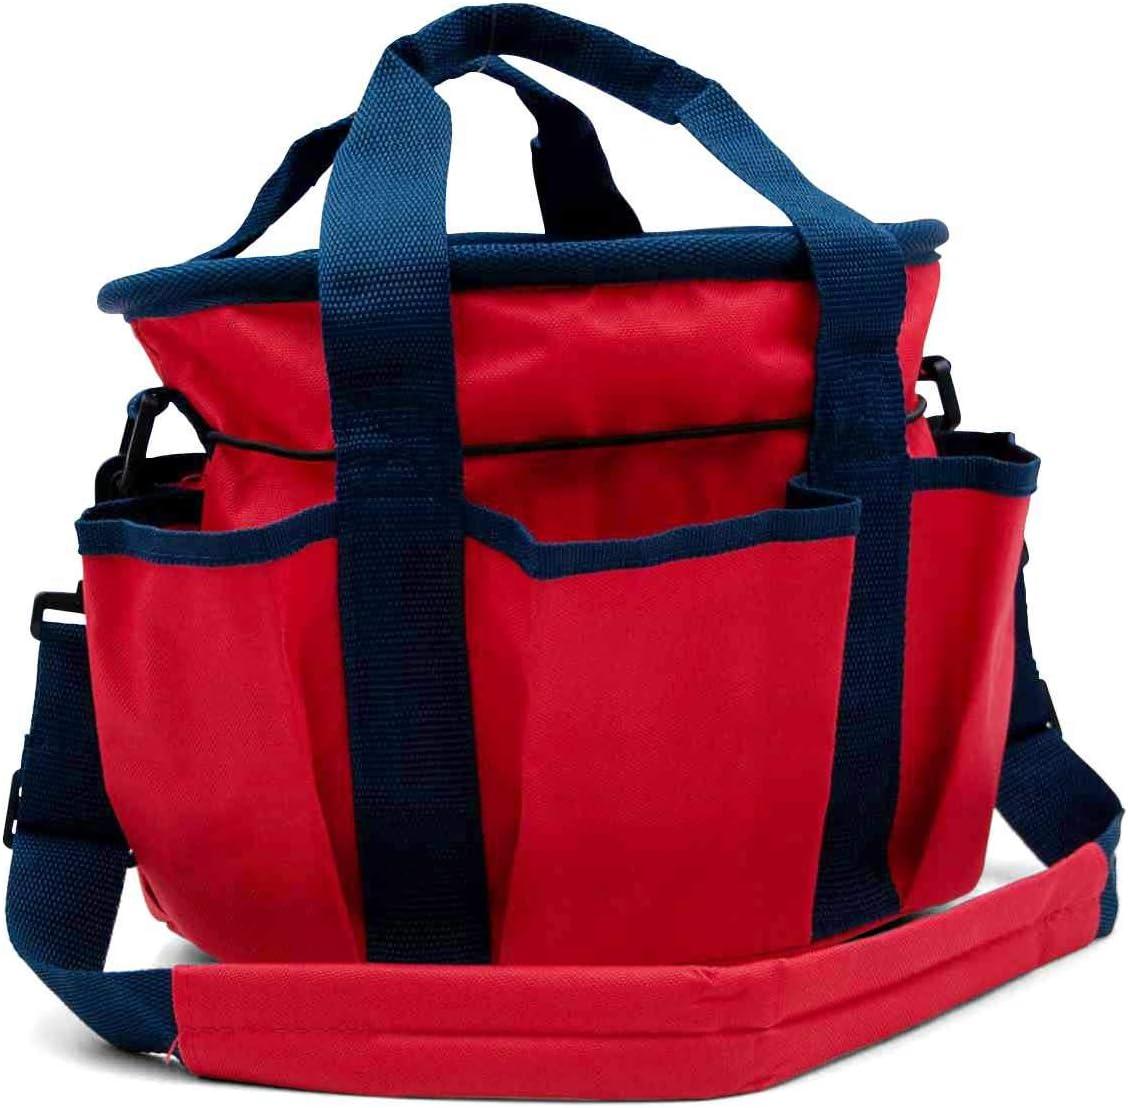 AMKA Bolsa de limpieza con correa ajustable + 6 compartimentos adicionales – para utensilios de limpieza de caballos, color rojo